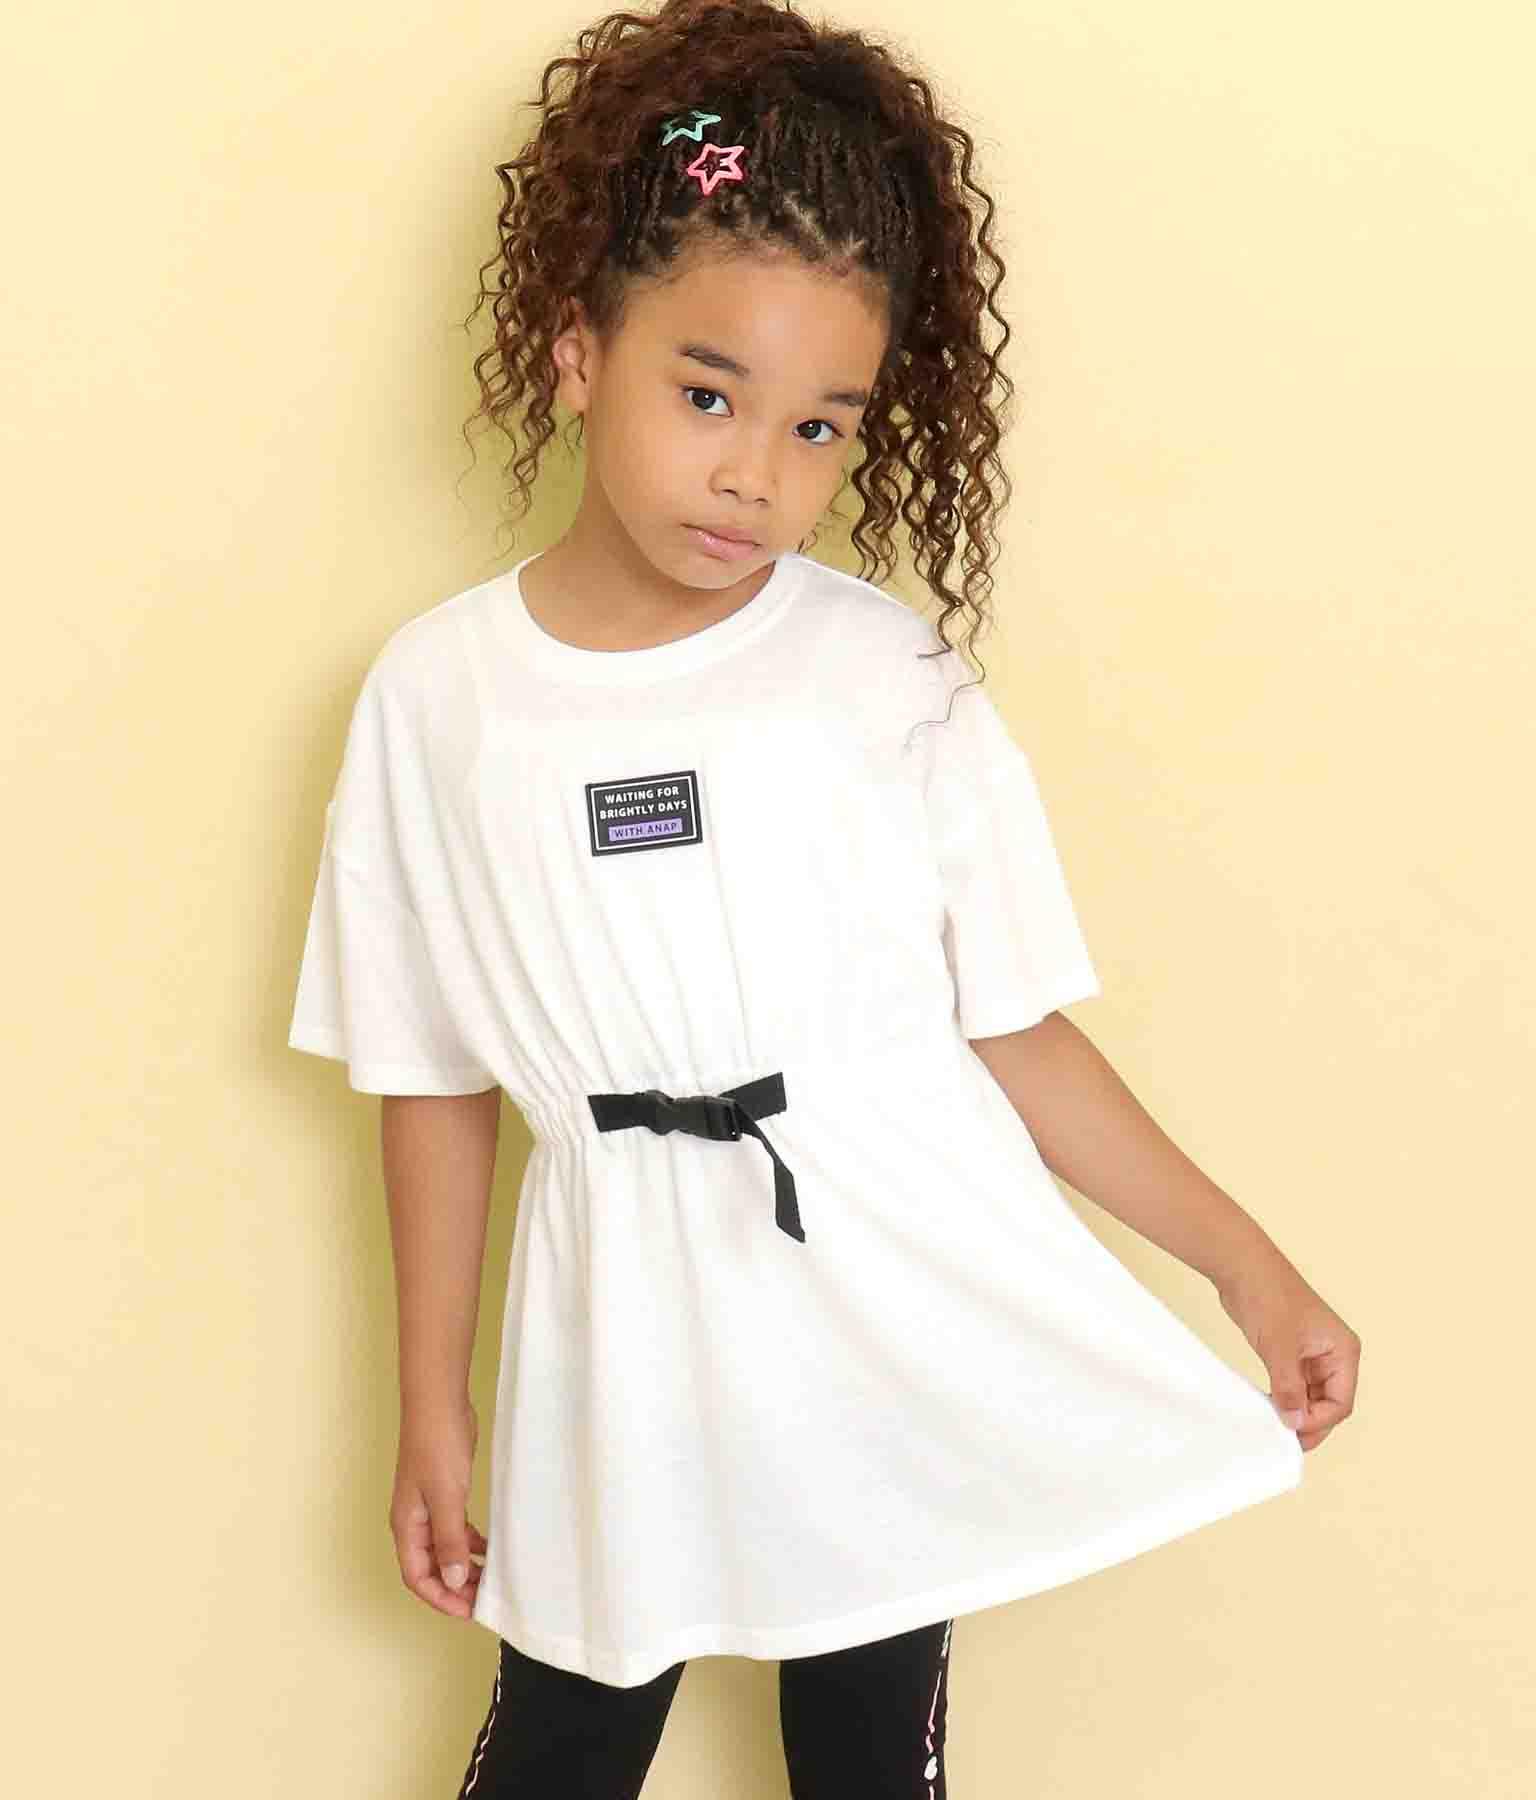 ウエストベルトデザインチュニック(トップス/Tシャツ・チュニック) | ANAP KIDS